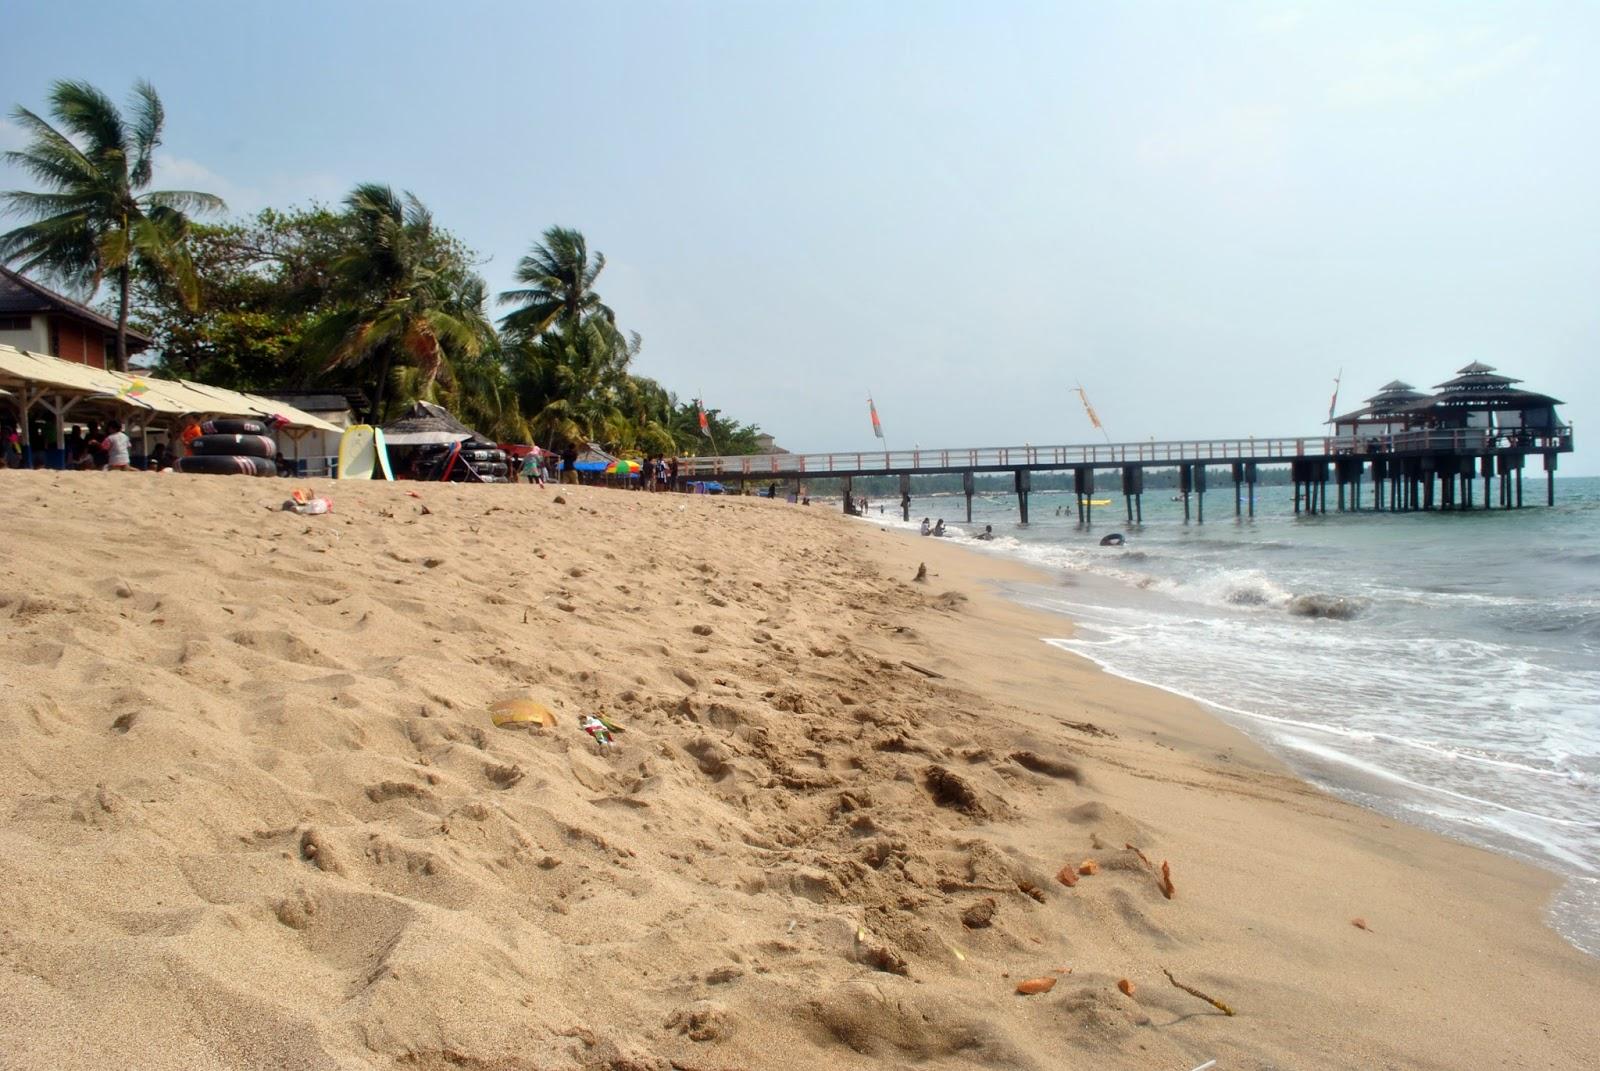 Wisata Pantai Anyer Limakaki Berbagai Aktivitas Bisa Dilakukan Selama Berada